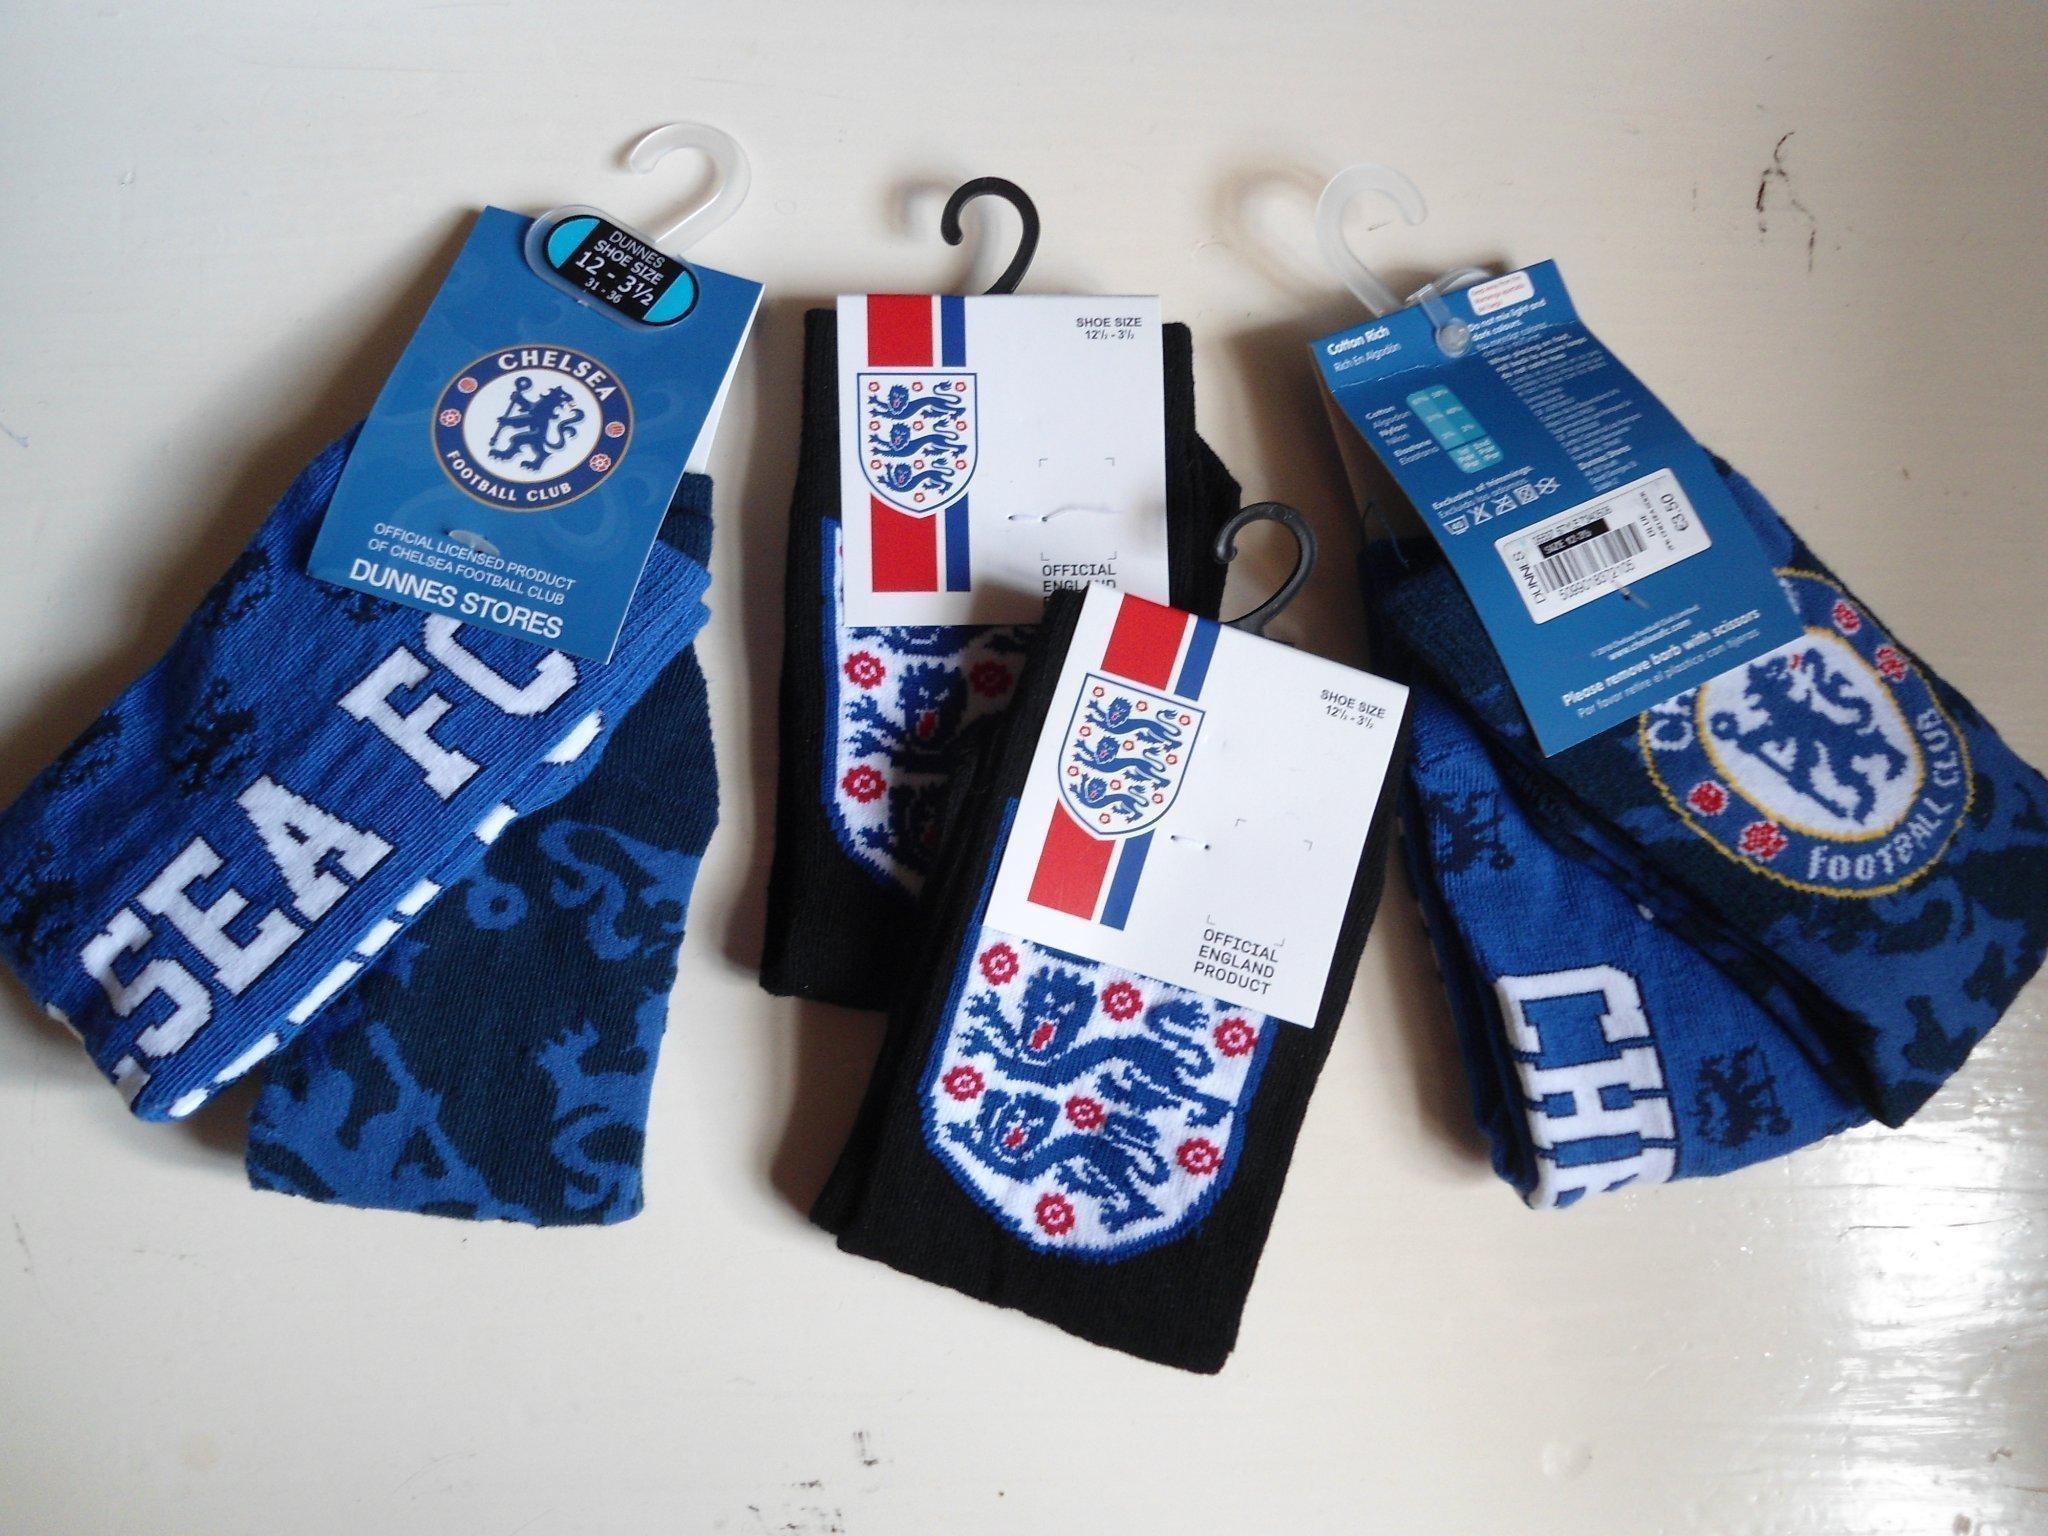 6 par strumpor: 4 par Chelsea football Club& 2 par engelsk fotboll.Storlek 31 36